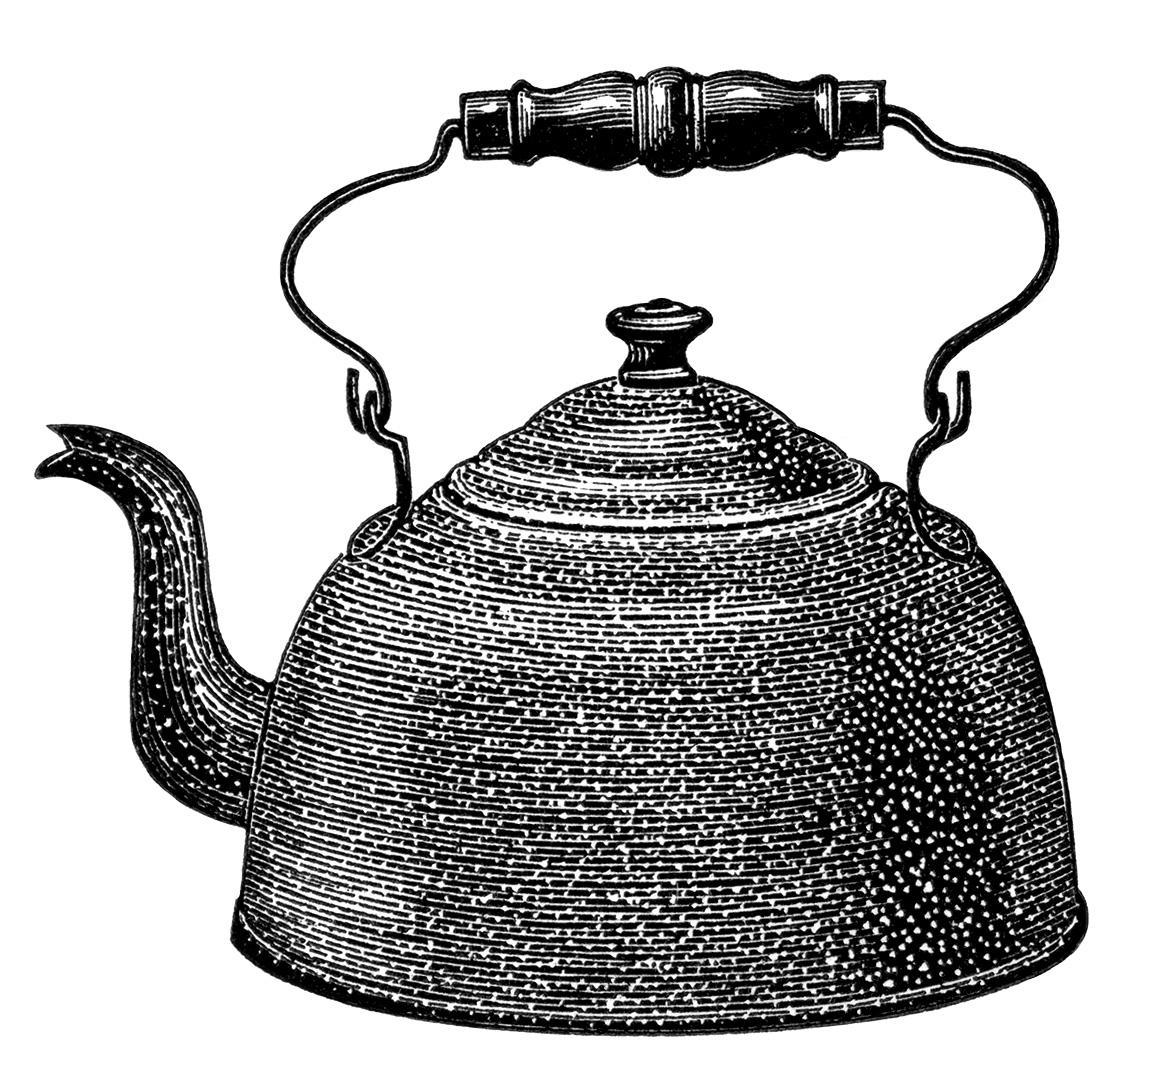 Kettle Clip Art ~ Enamel on steel kettle free vintage clip art old